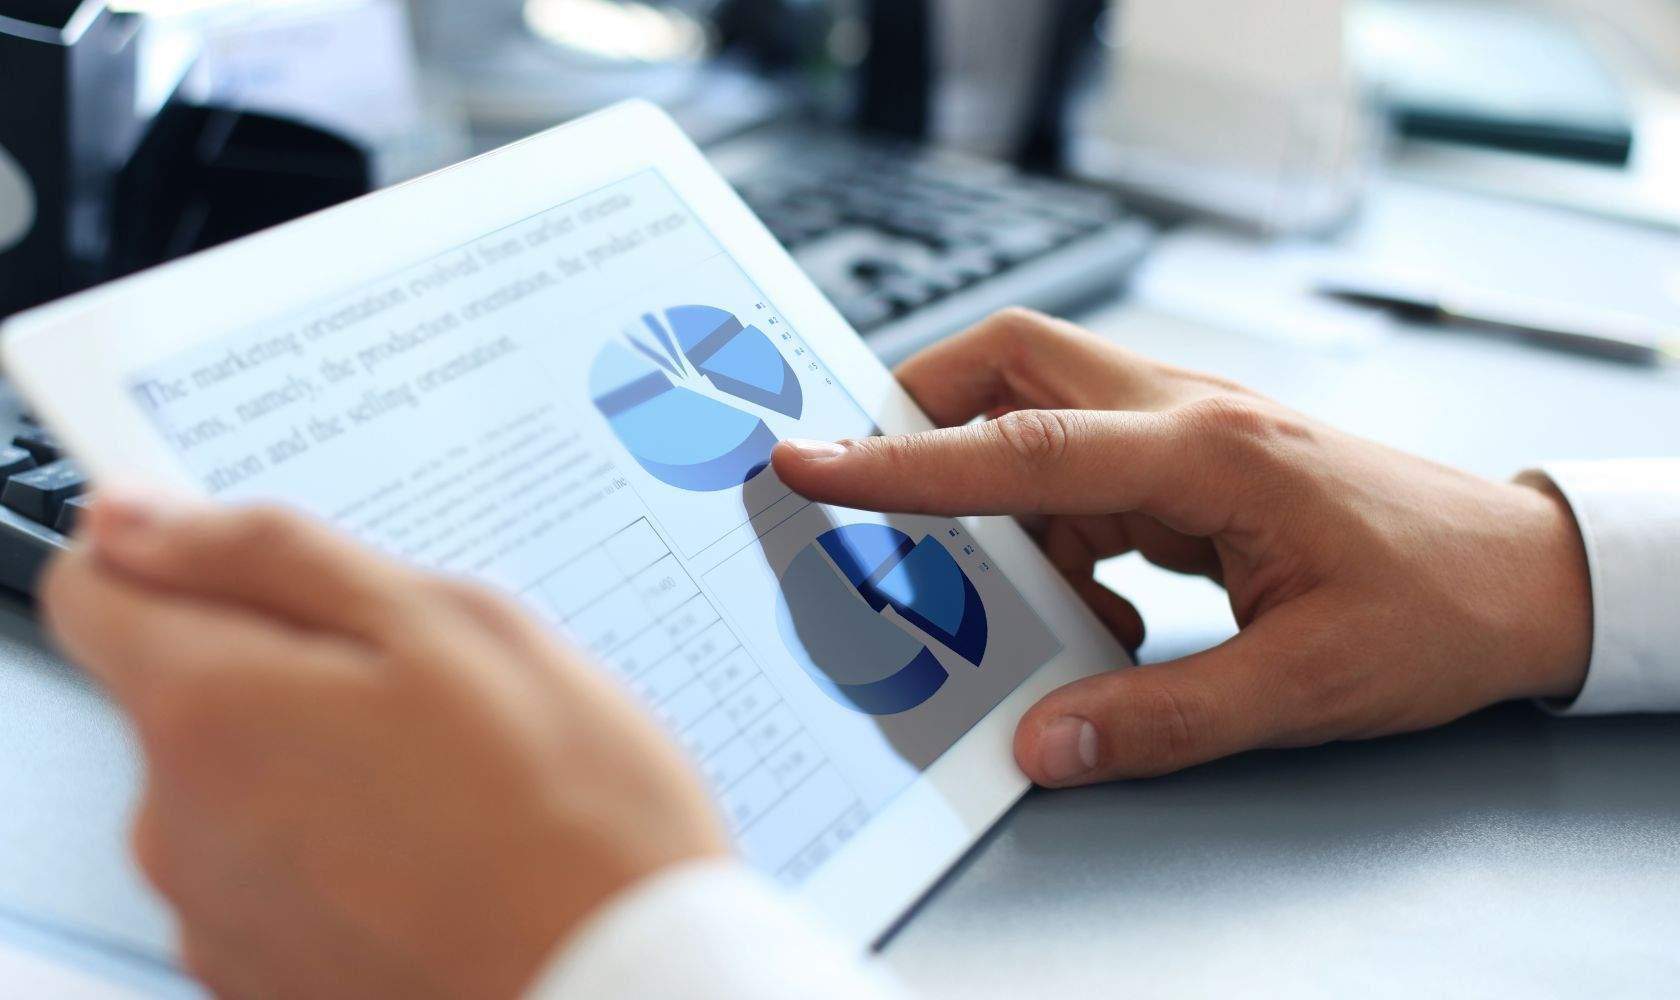 家庭理财如何合理分配资产比例?